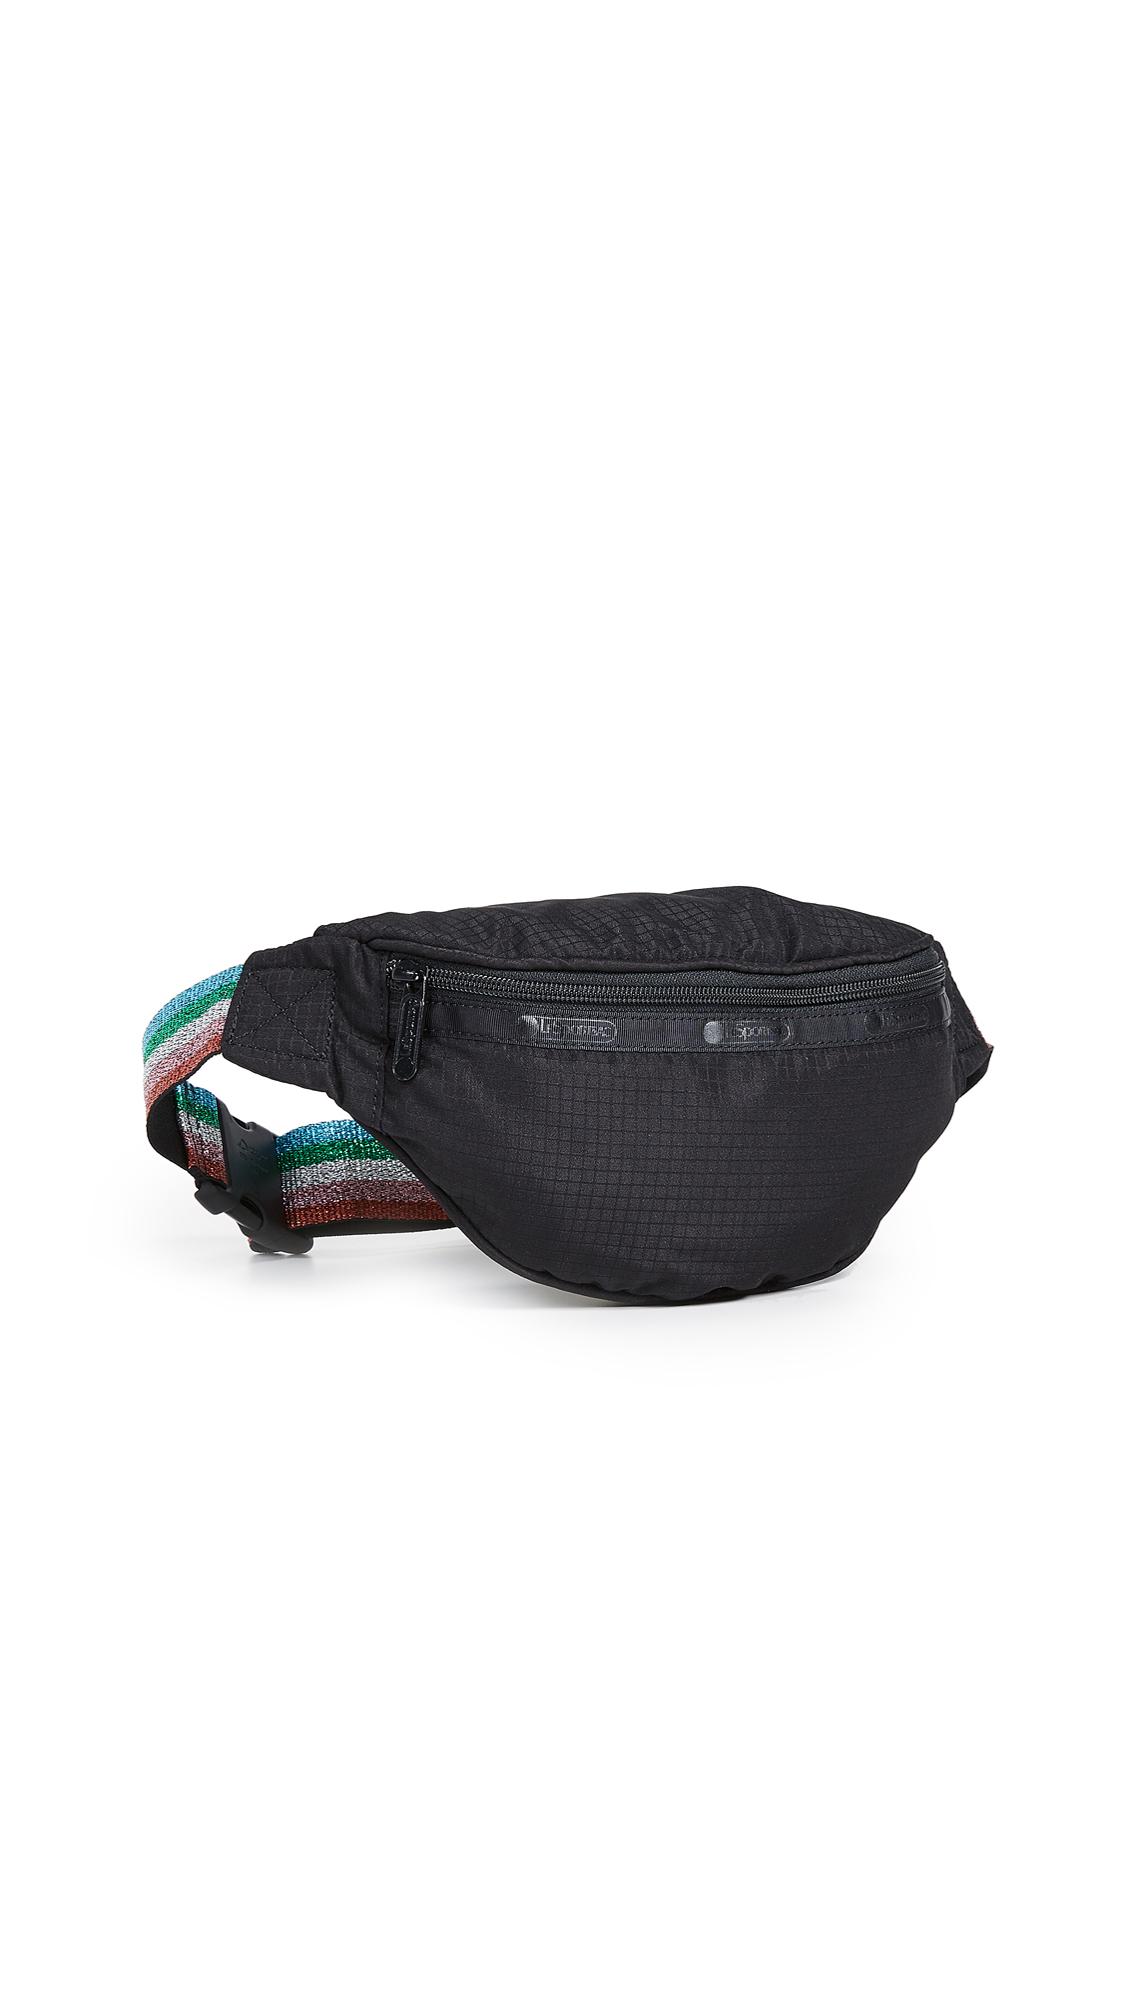 LESPORTSAC Gabrielle Bum Bag in Black